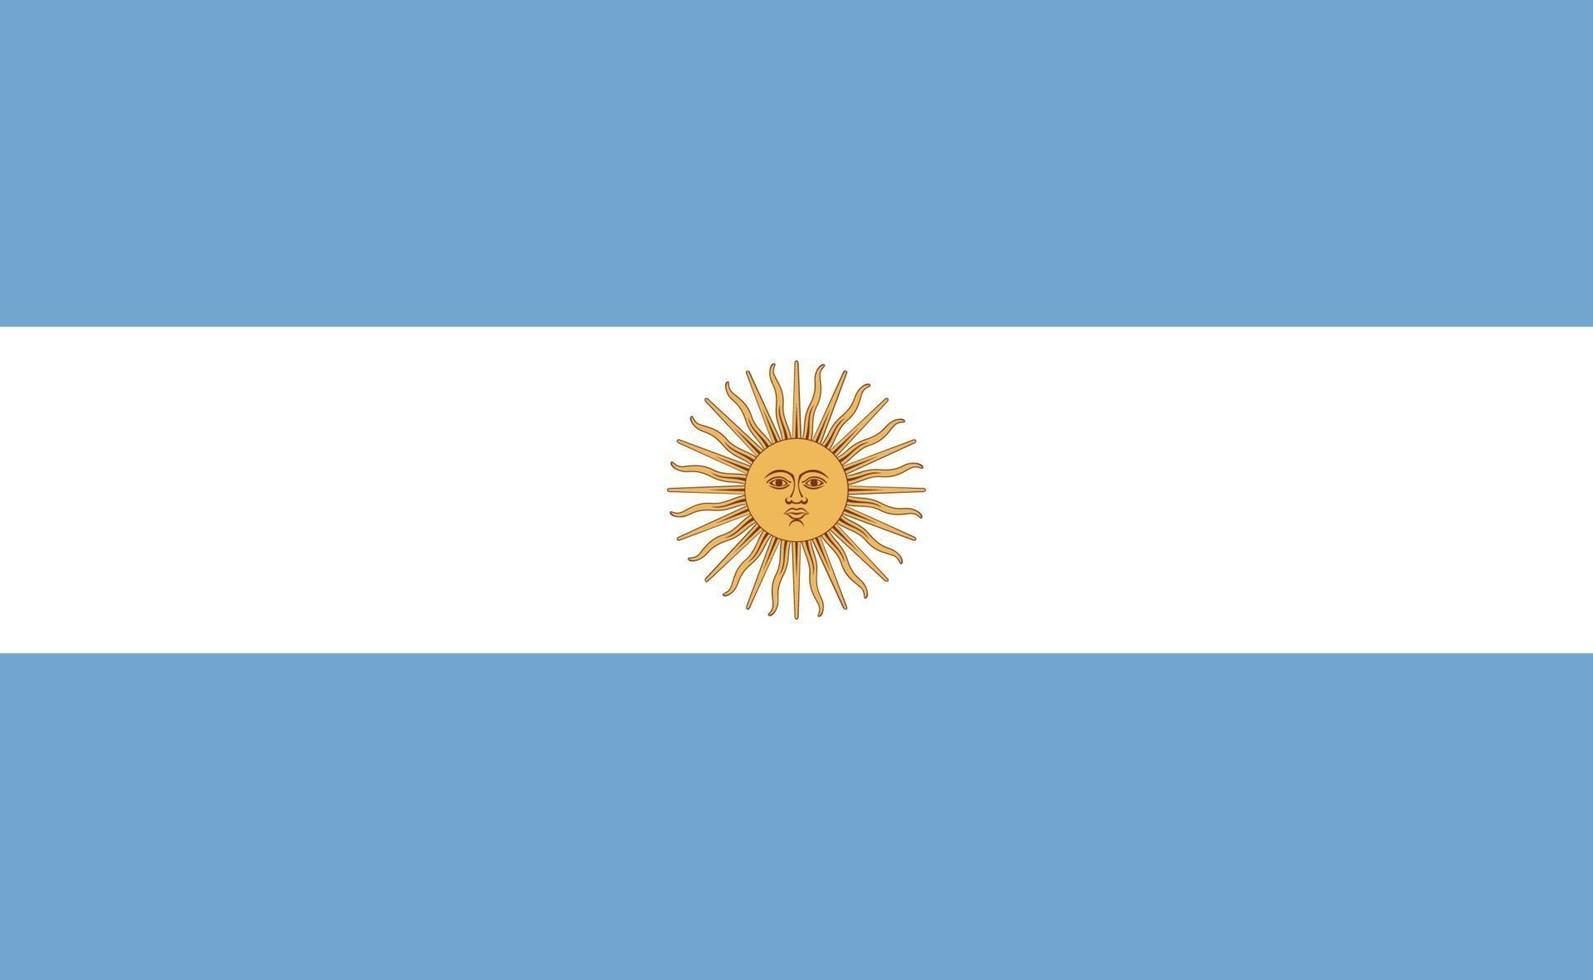 bandera nacional argentina en proporciones exactas - ilustración vectorial vector